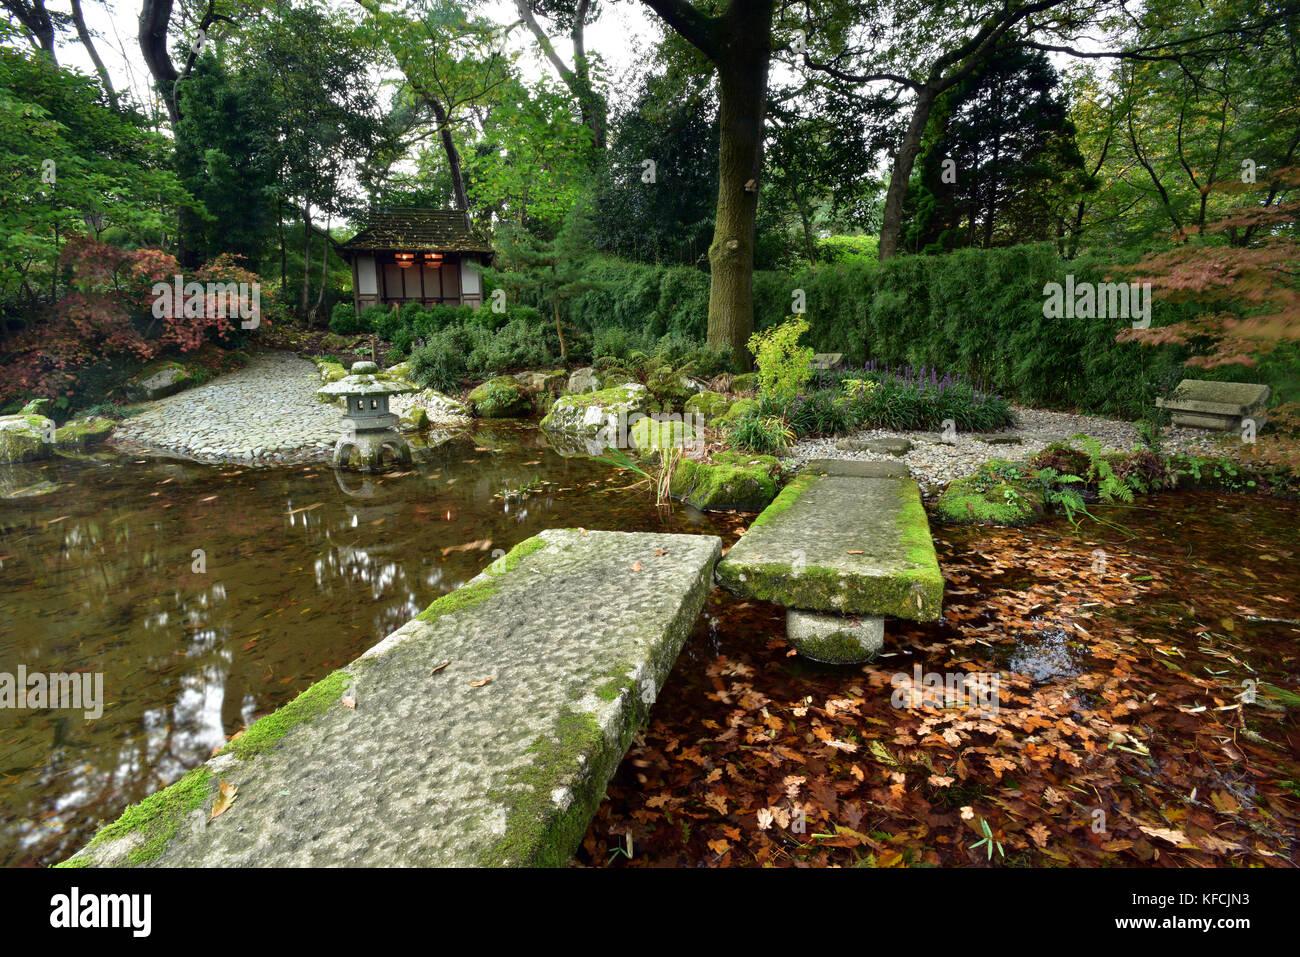 Einen schönen Garten im japanischen Stil pinetum Gärten gepflegt in ...